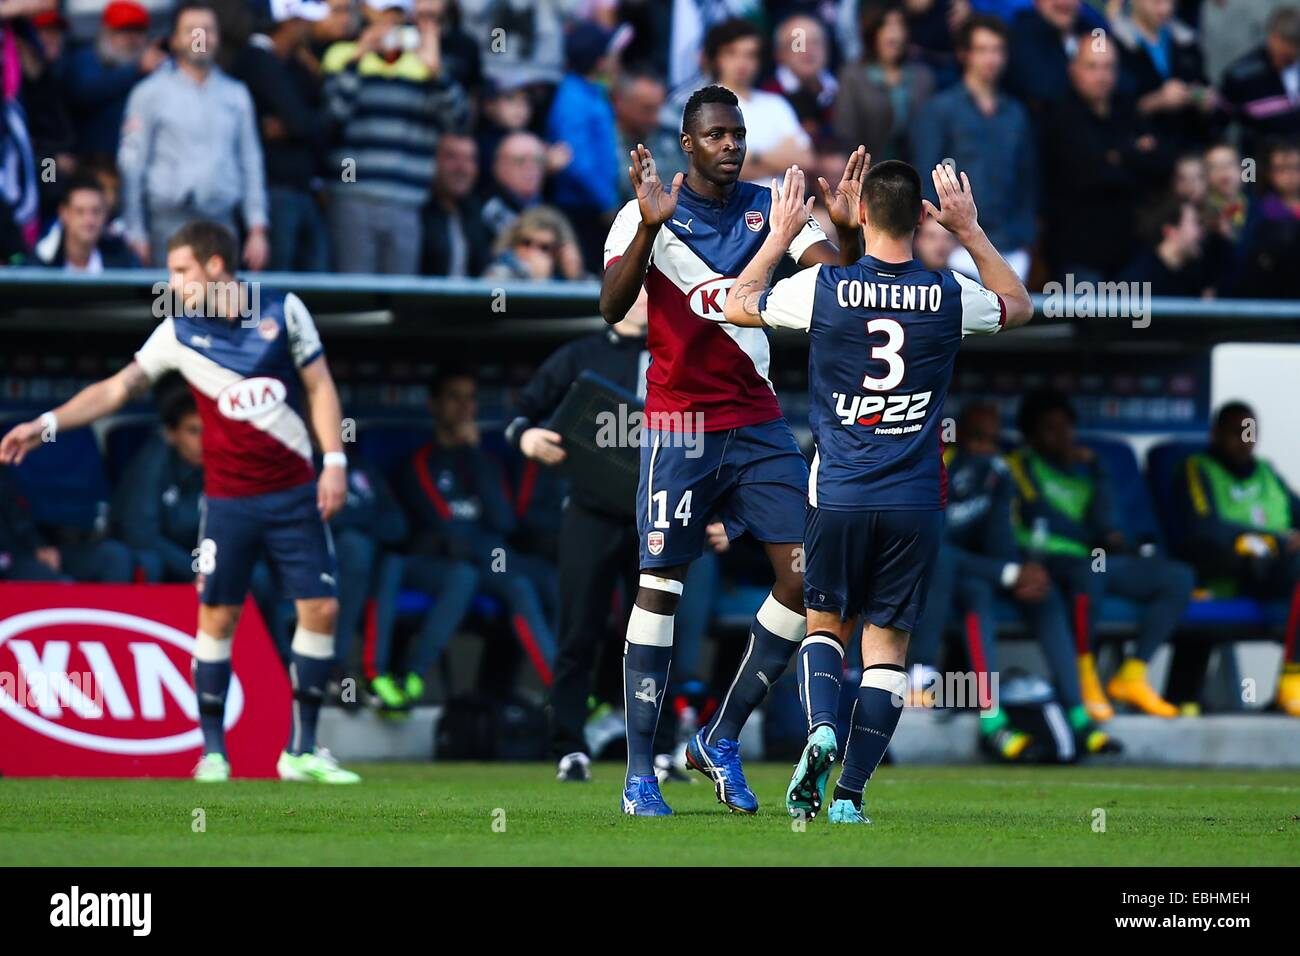 Cheikh Diabate / Diego contento - 30.11.2014 - Bordeaux / Lille - 15eme journee de Ligue 1 Photo : Manuel Blondau Foto Stock